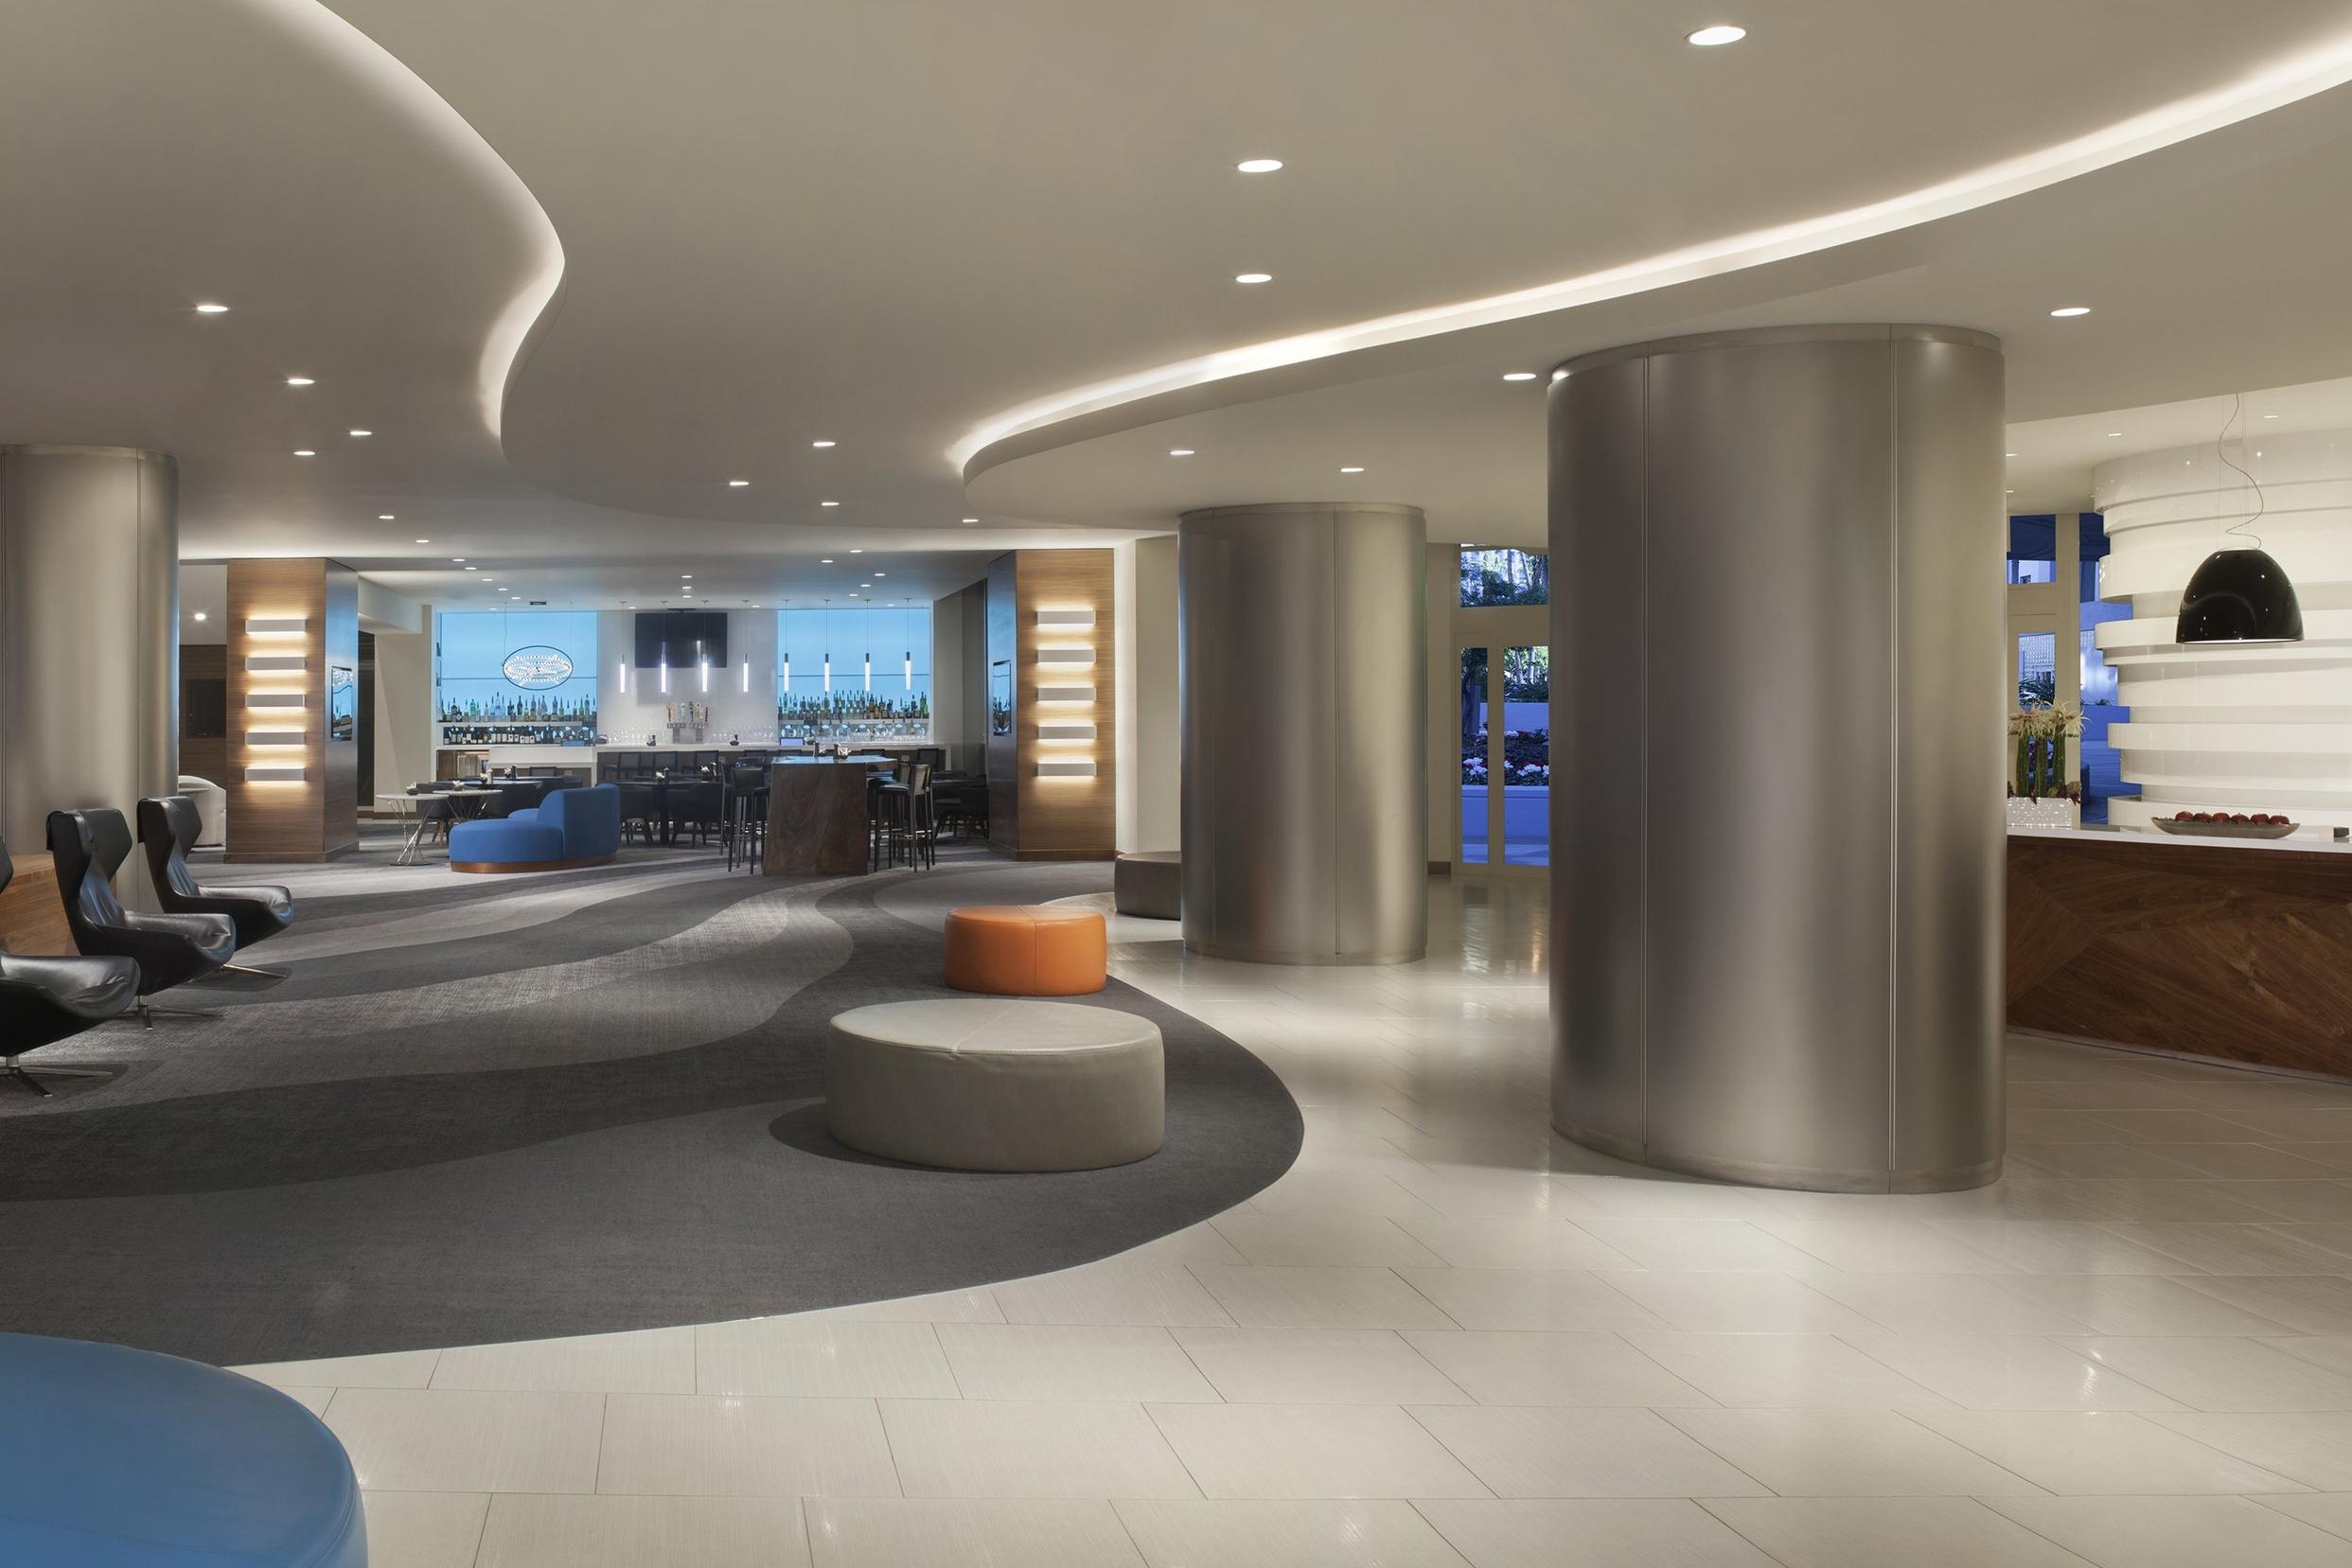 Hyatt Regency LAX Lobby